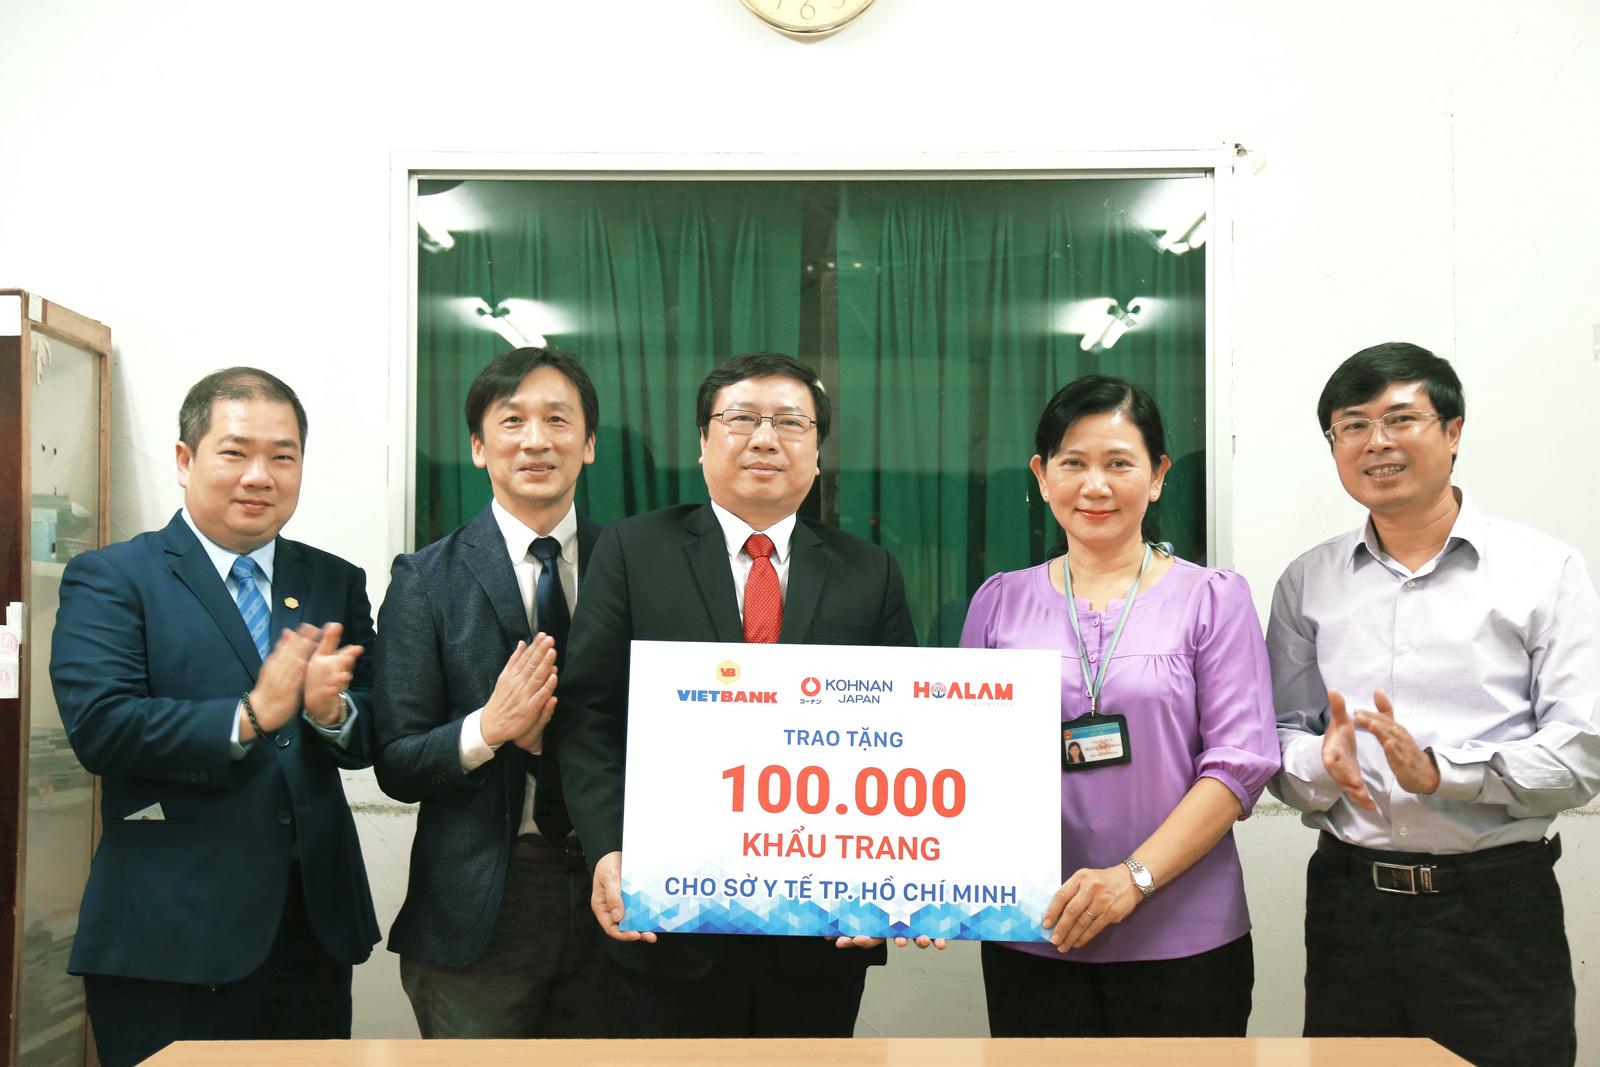 100.000 khẩu trang tài trợ cho Sở Y tế TP. Hồ Chí Minh